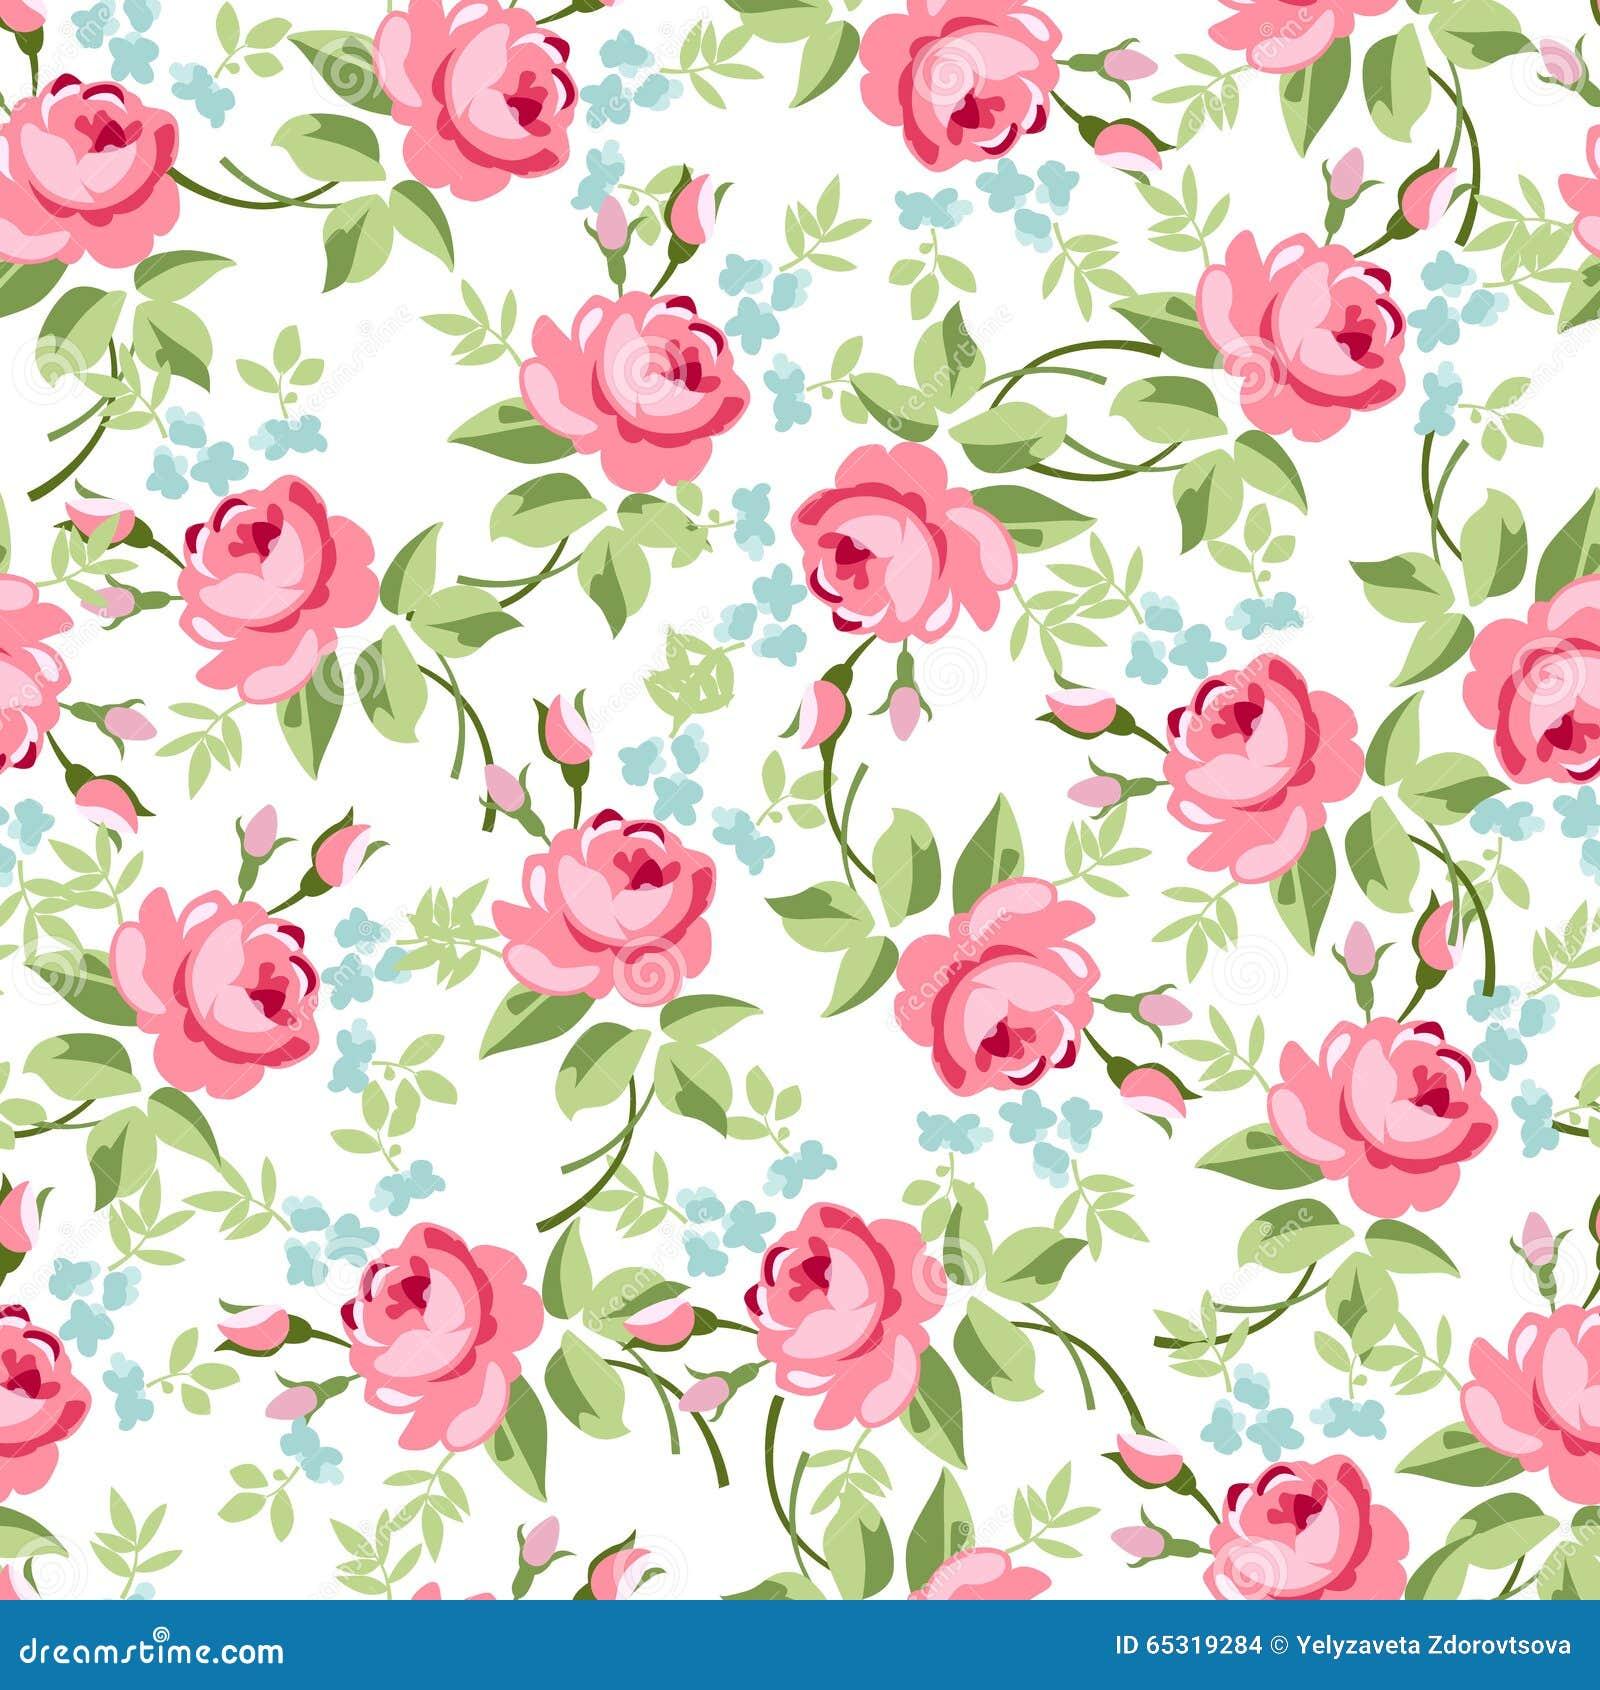 Estampado floral vector free